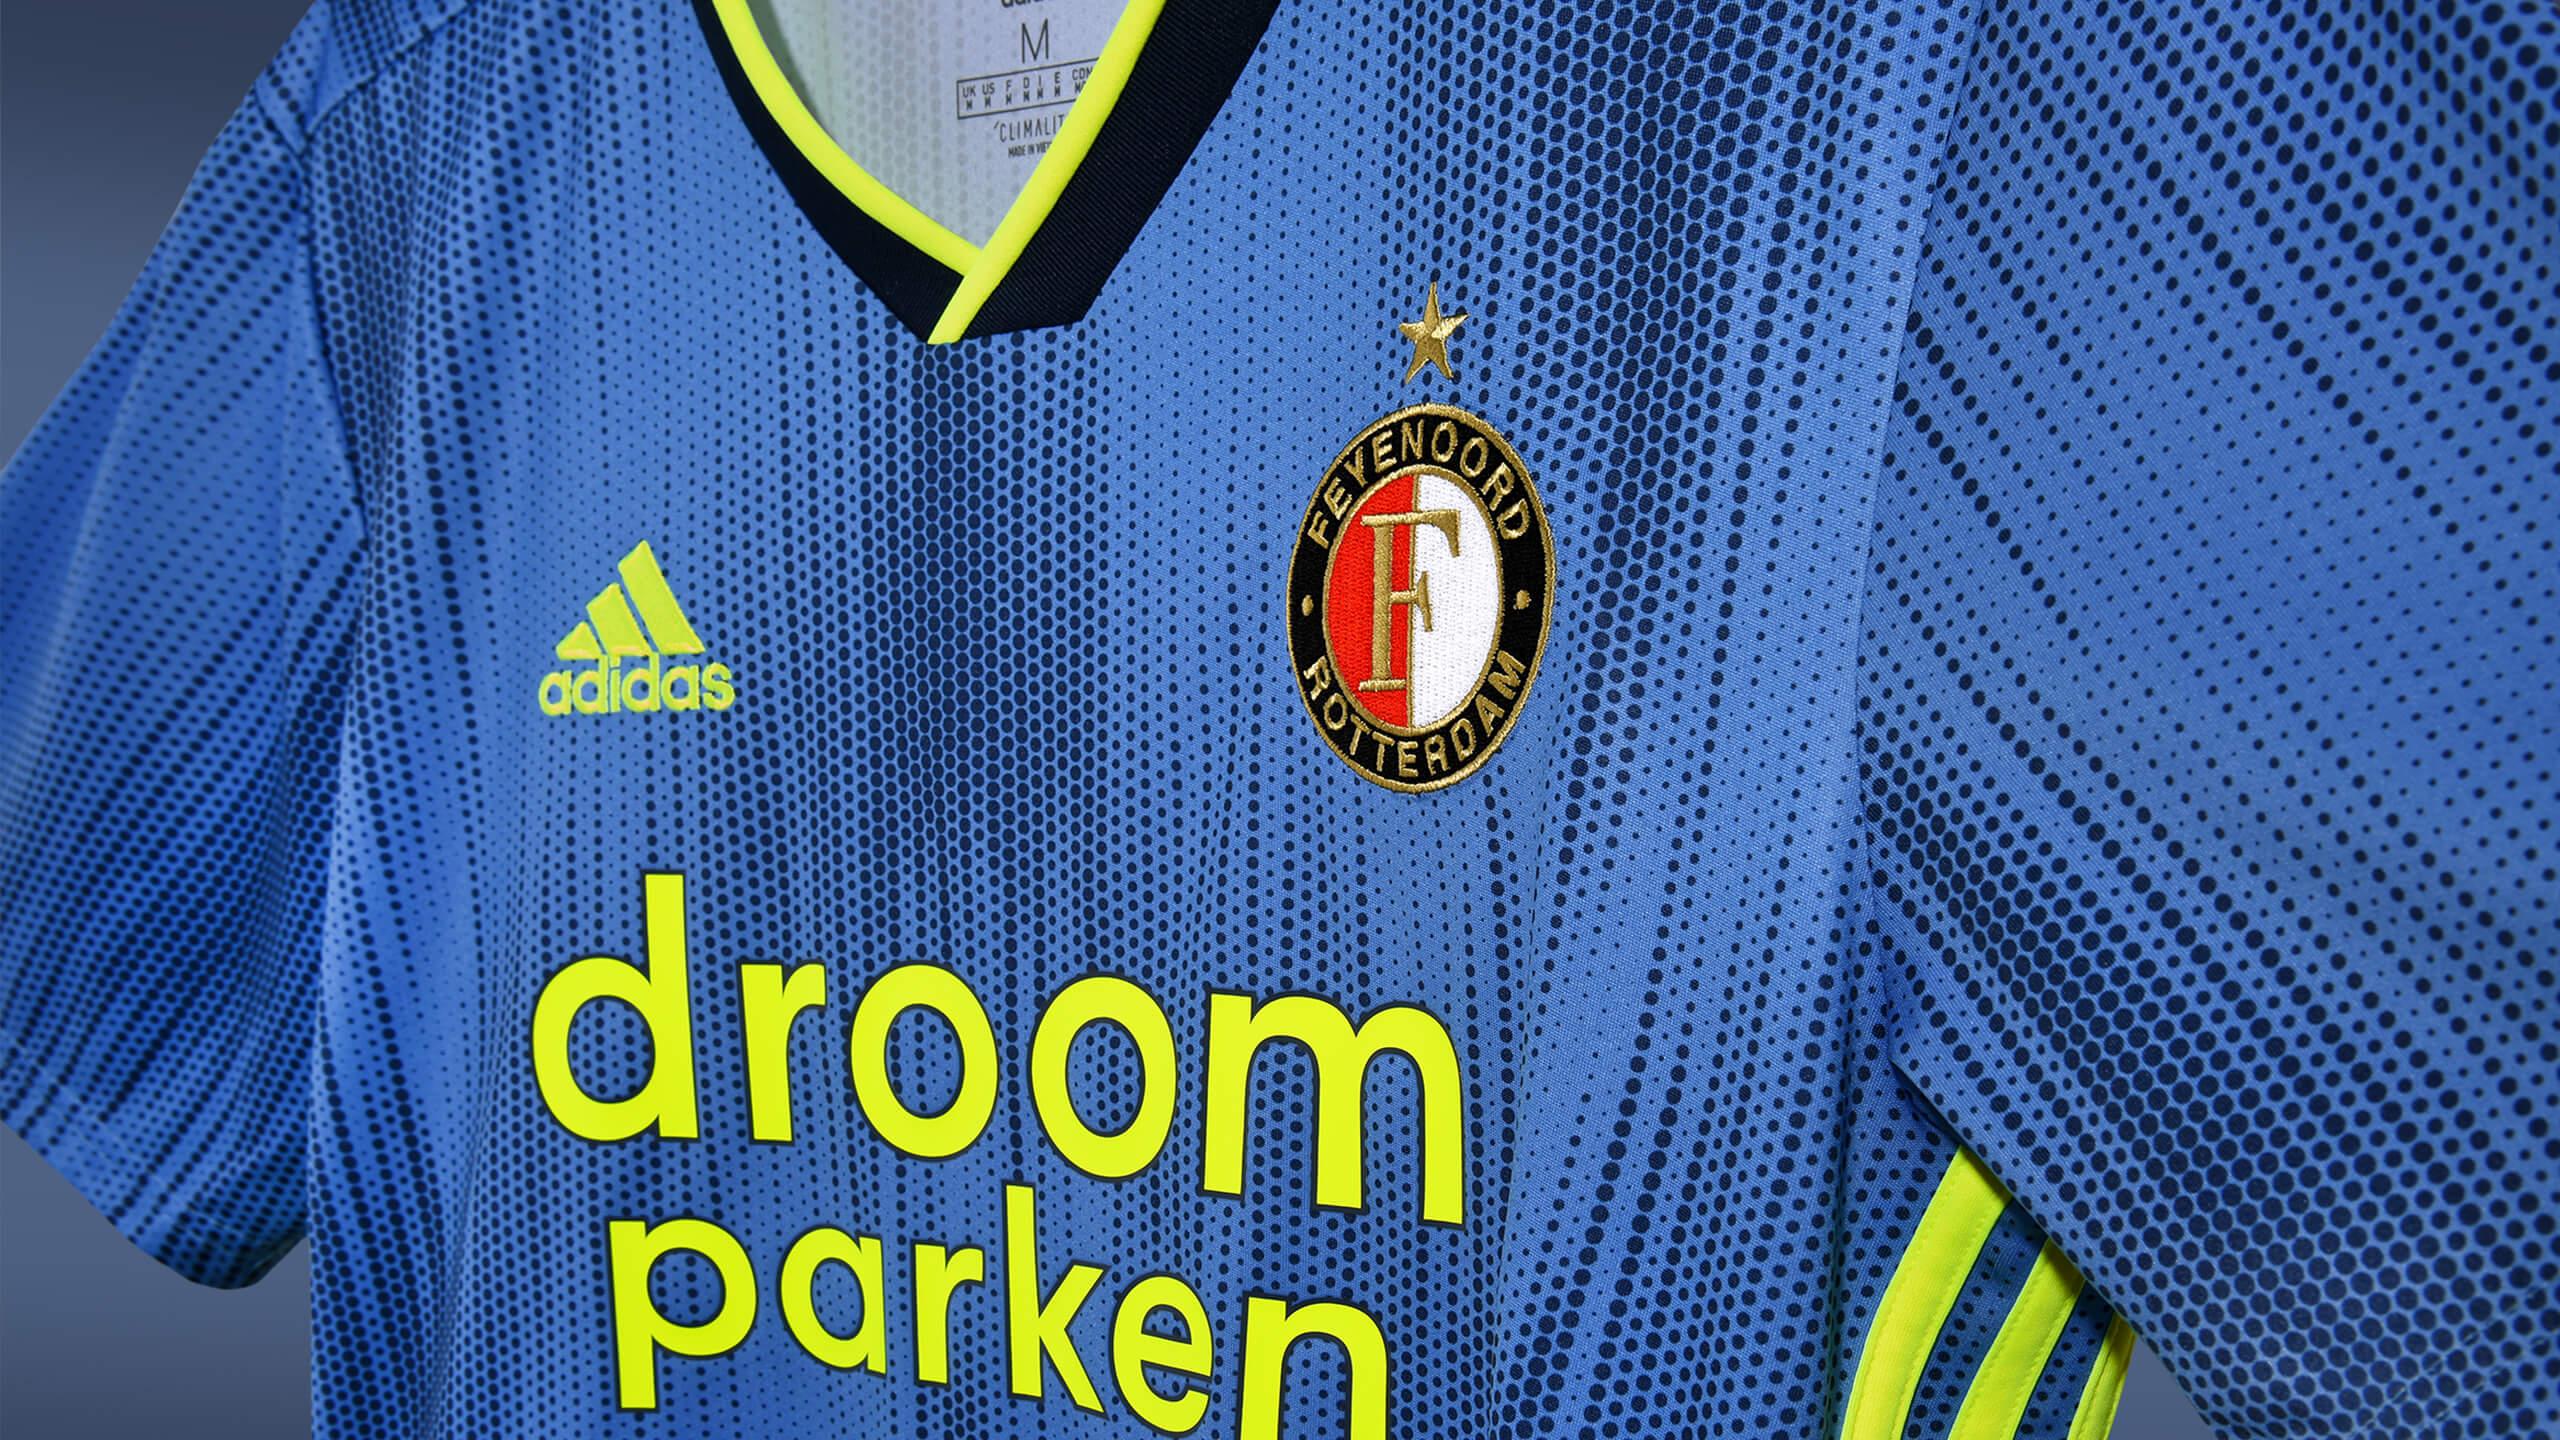 Feyenoord presenteert nieuwe uitshirt; image source: Feyenoord.nl